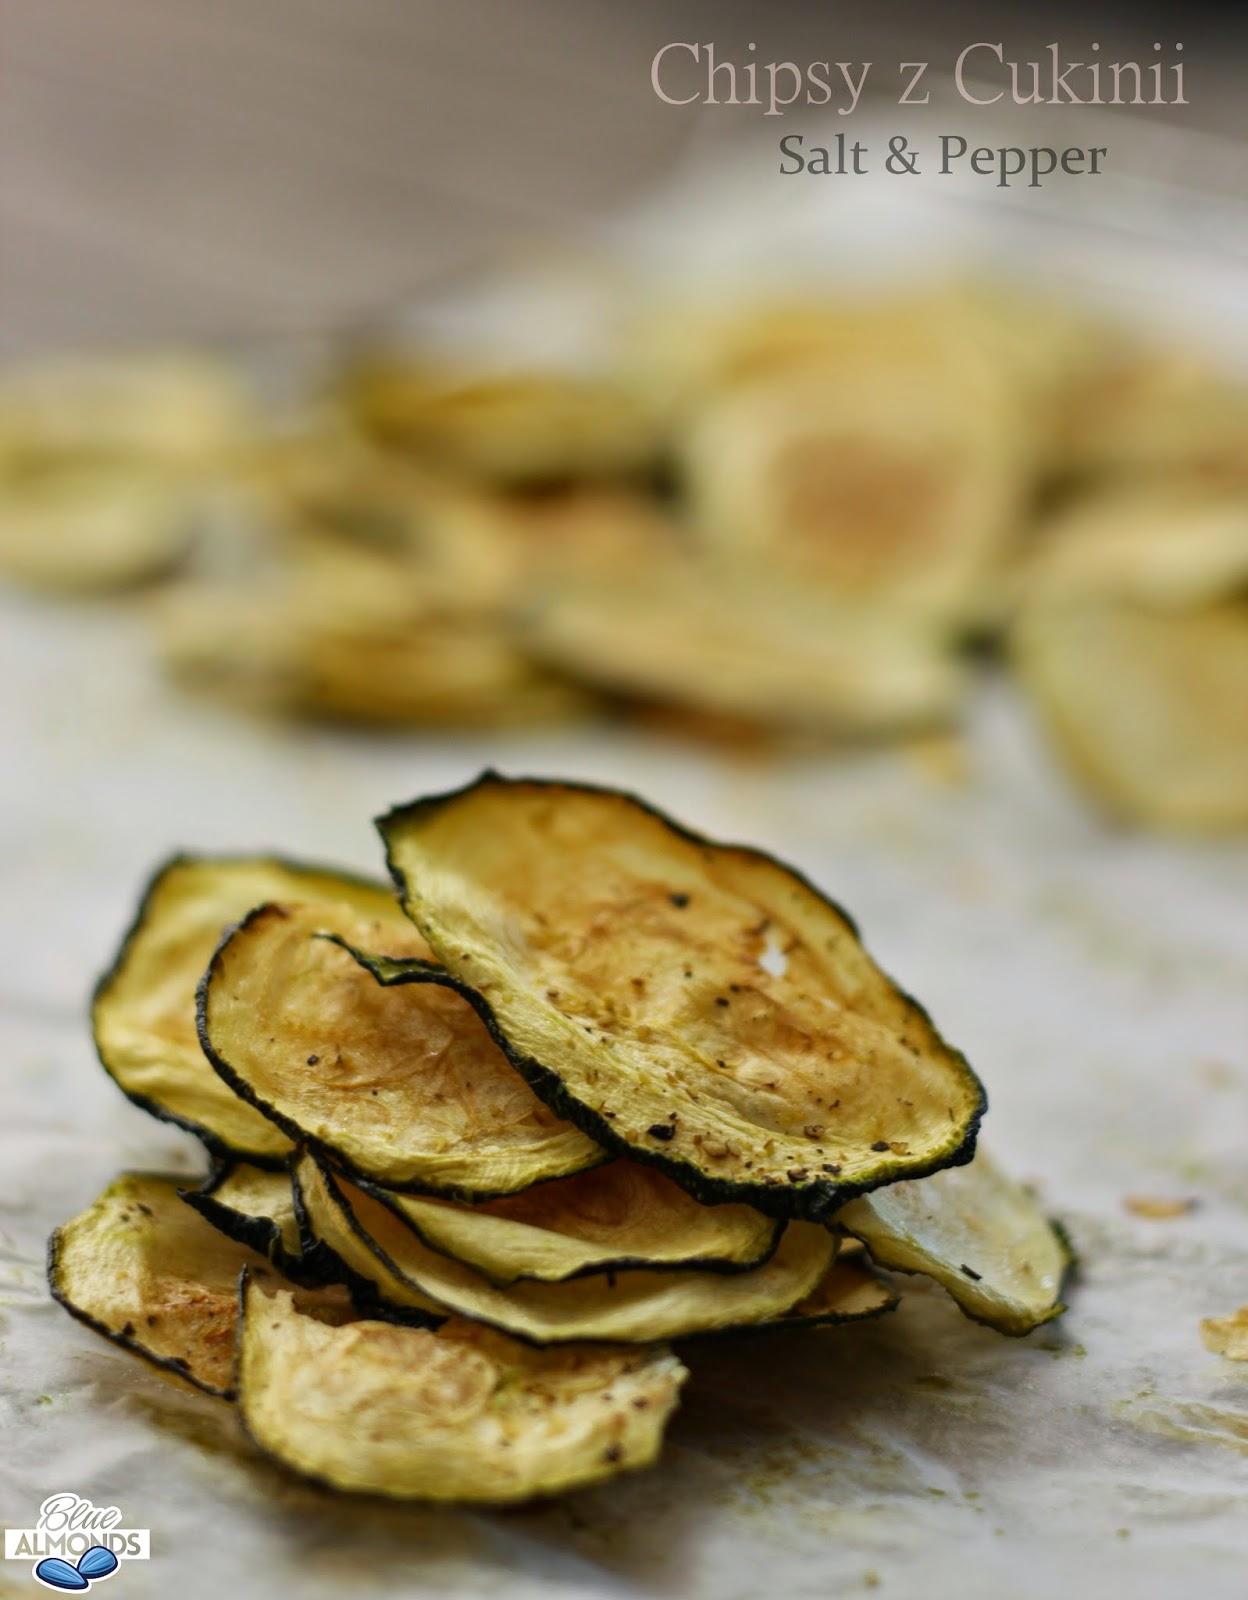 Chipsy z Cukinii Pieprz & Sól